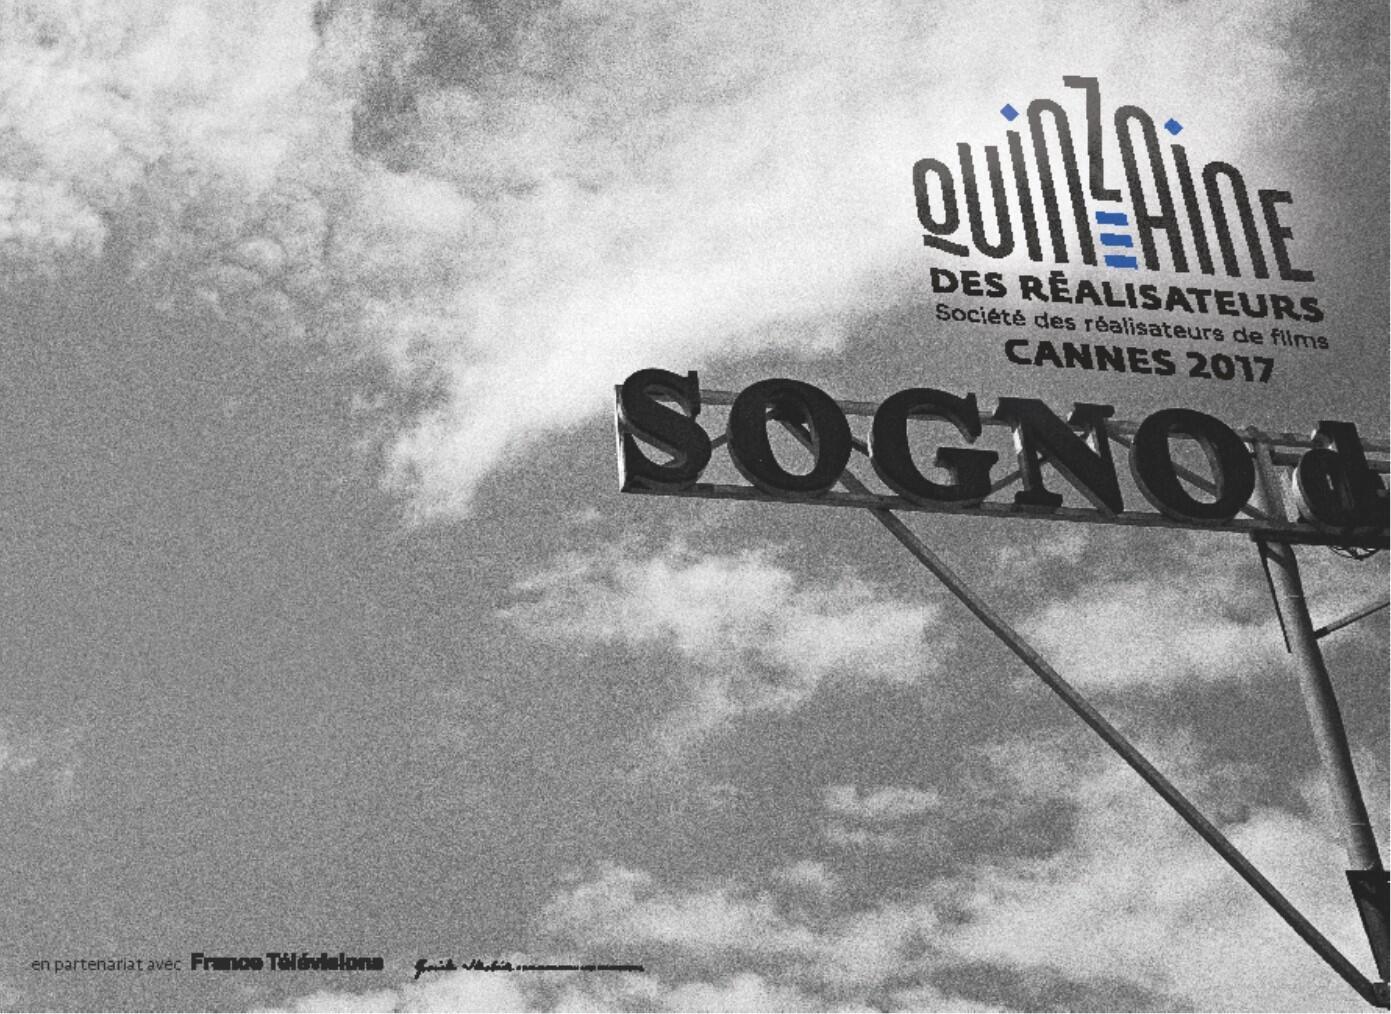 Cartaz da Quinzena de Realizadores do Festival de Cannes